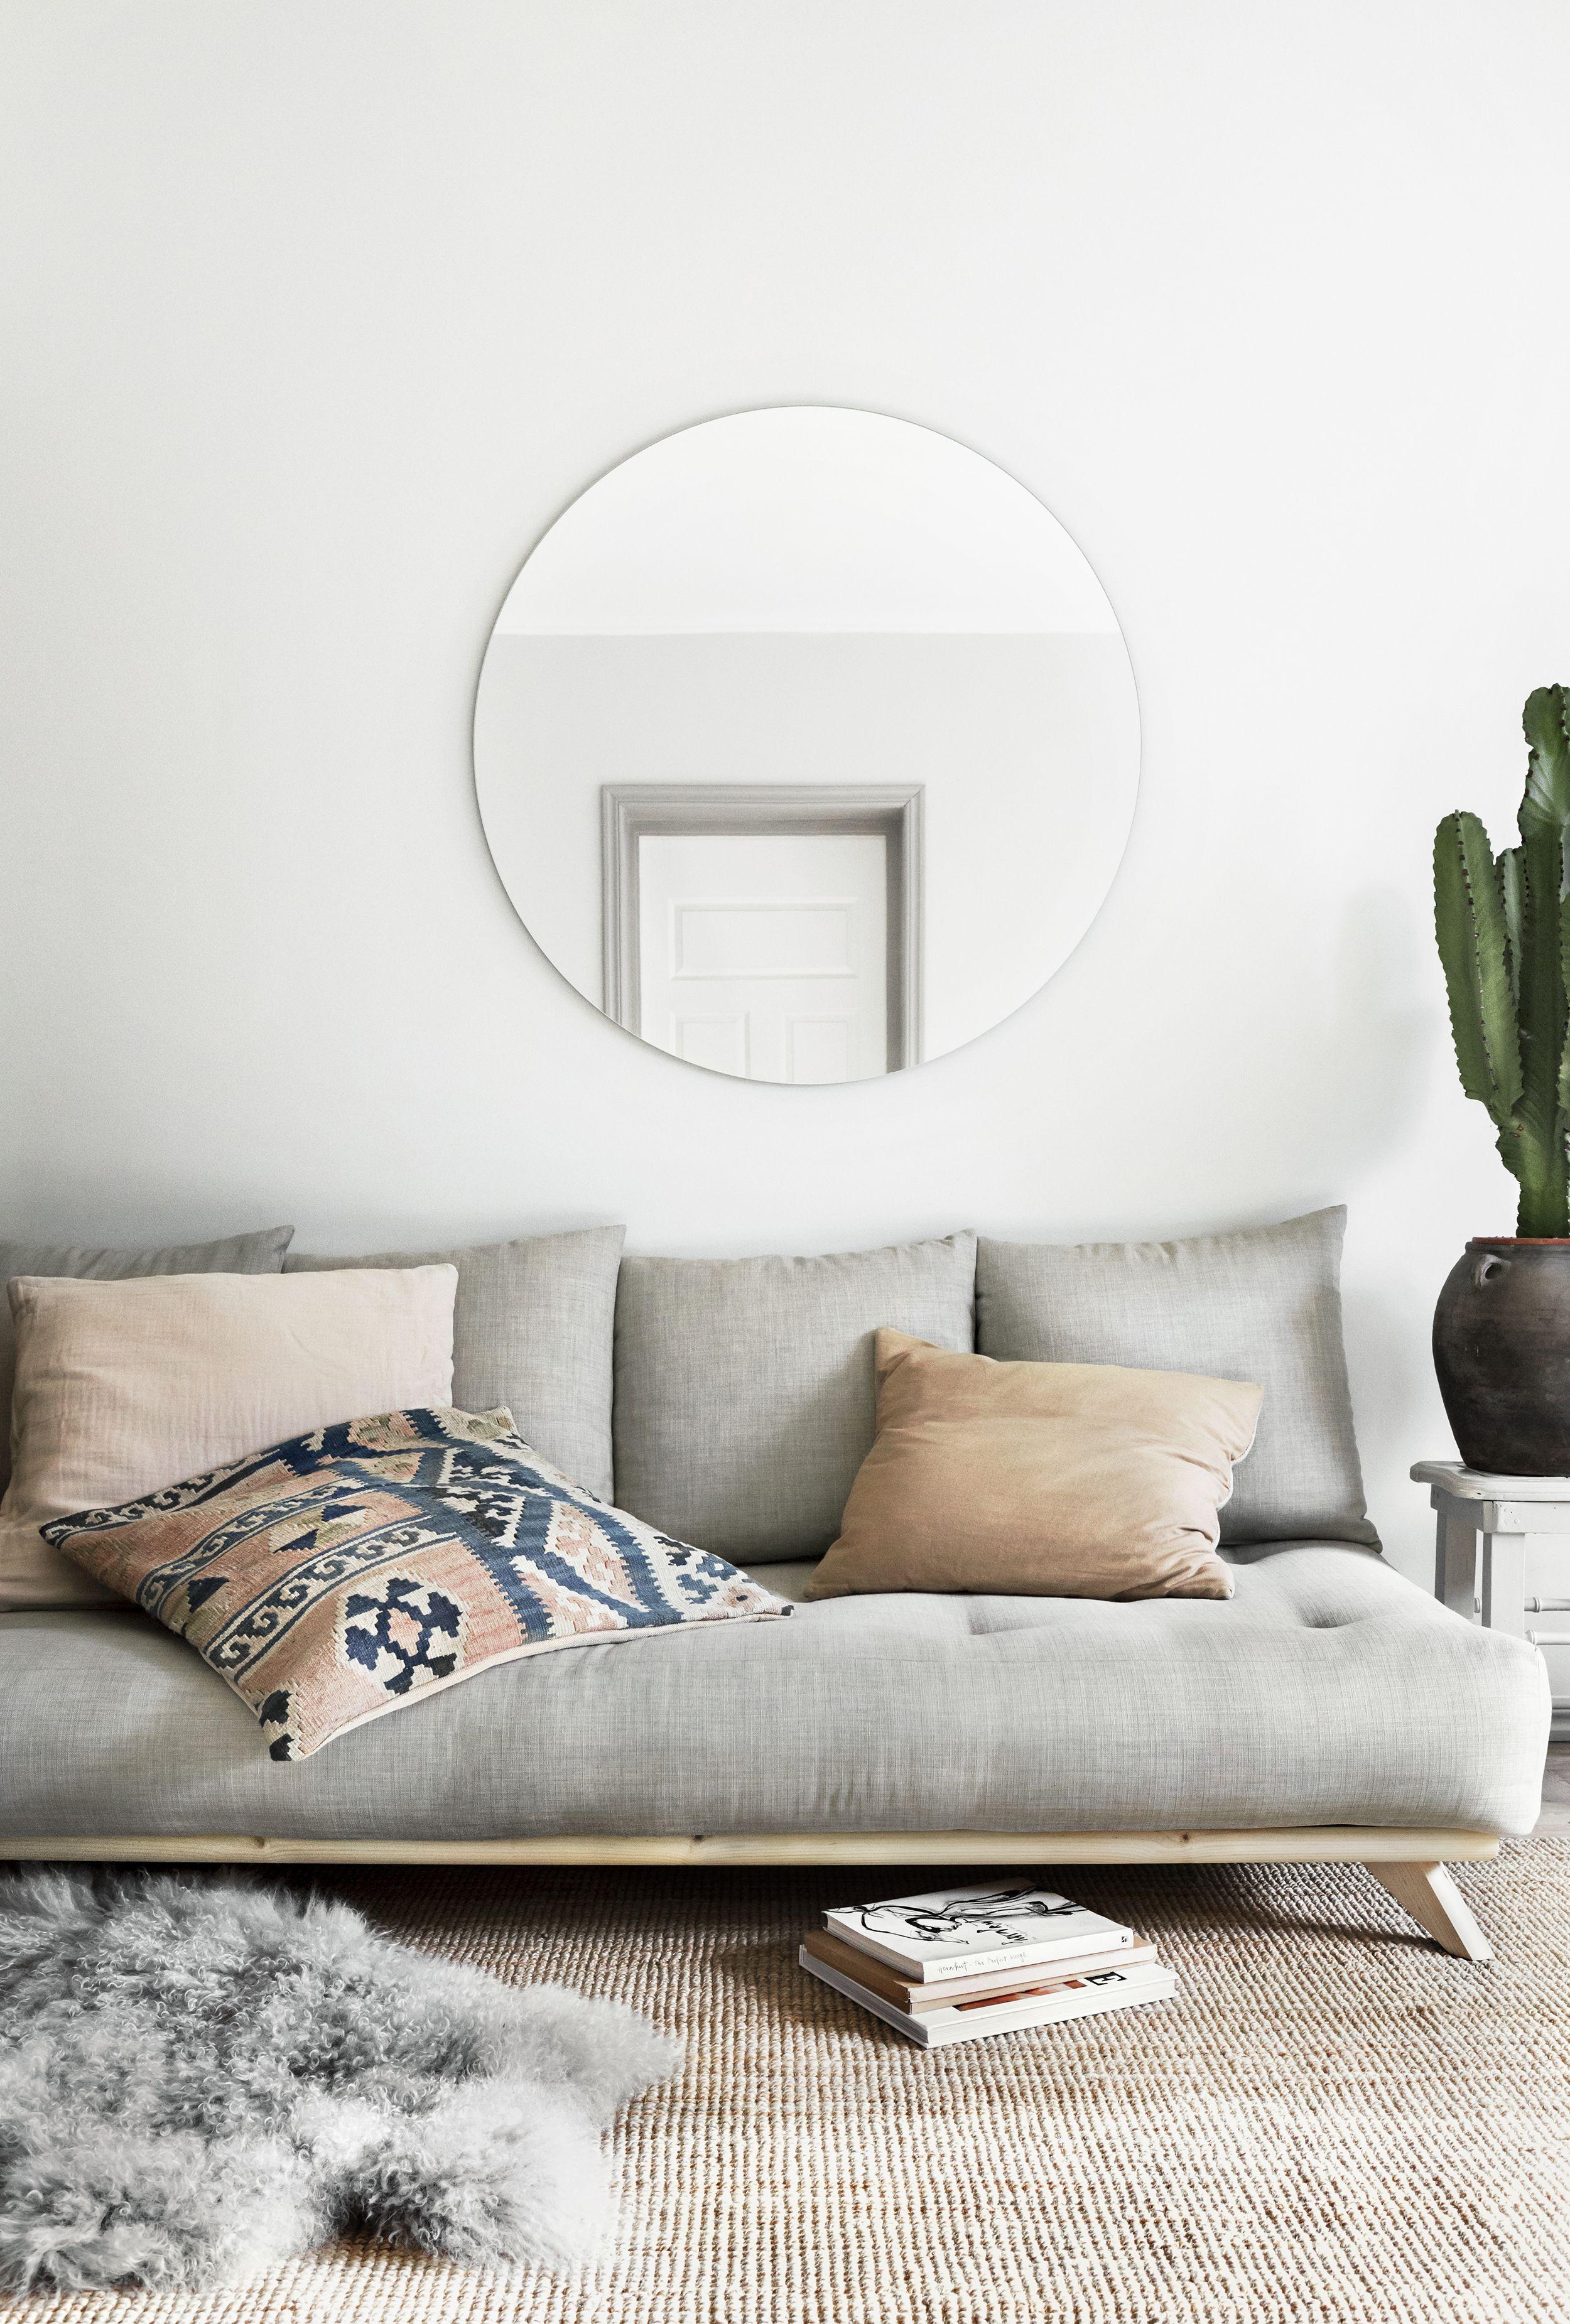 Faszinierend Sofa Scandi Referenz Von Gemütliches Im Skandinavischen Stil: Helles Holzgestell, Komfortable